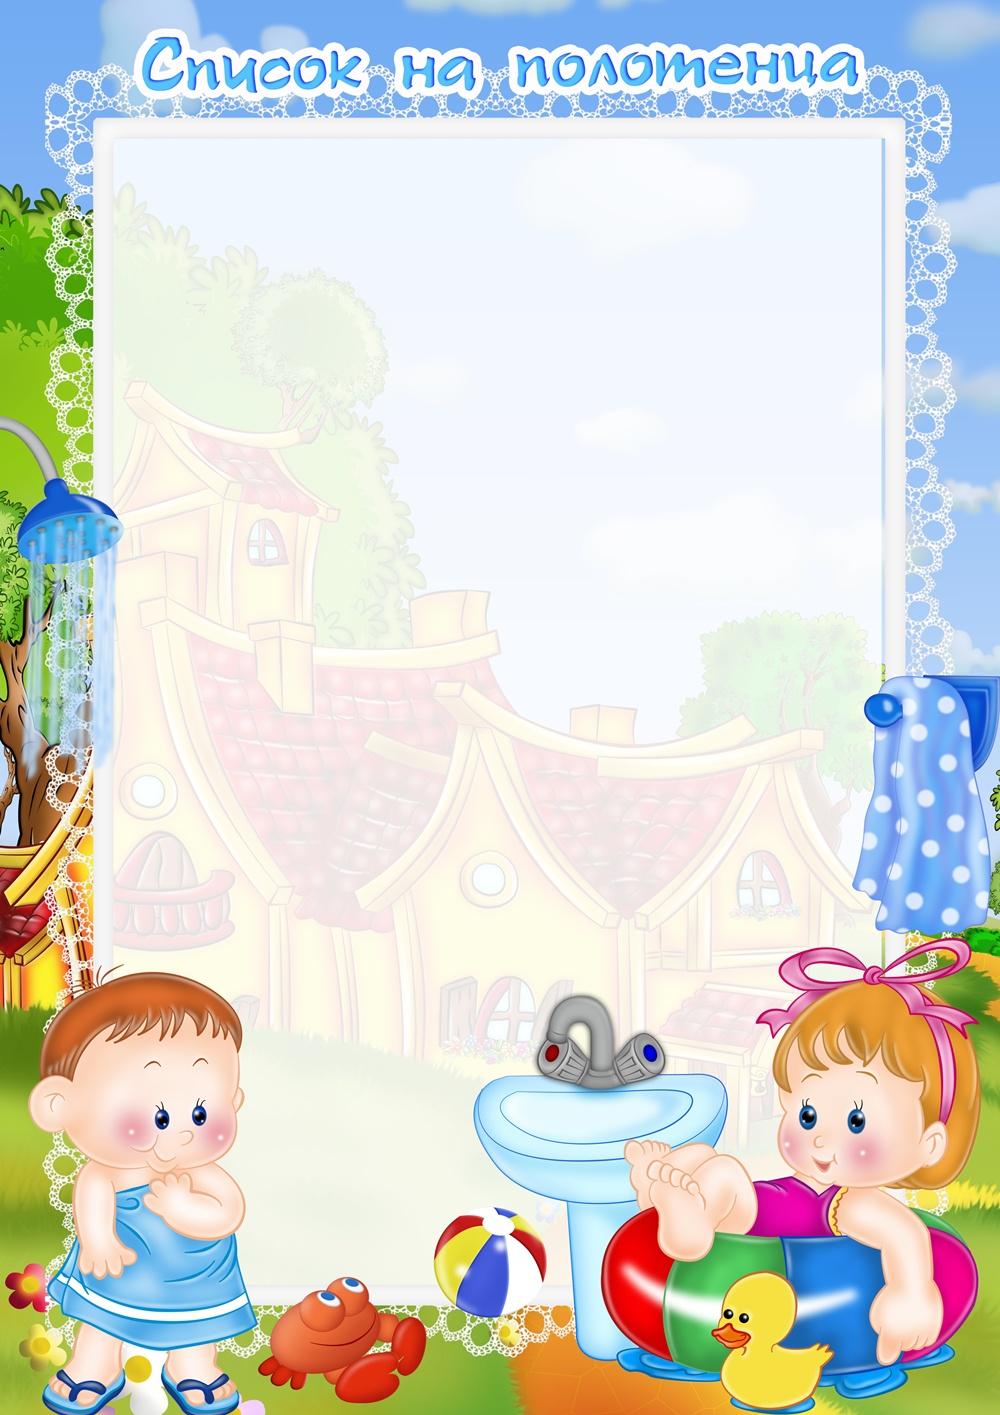 Скачать бесплатно картинки на для детского сада